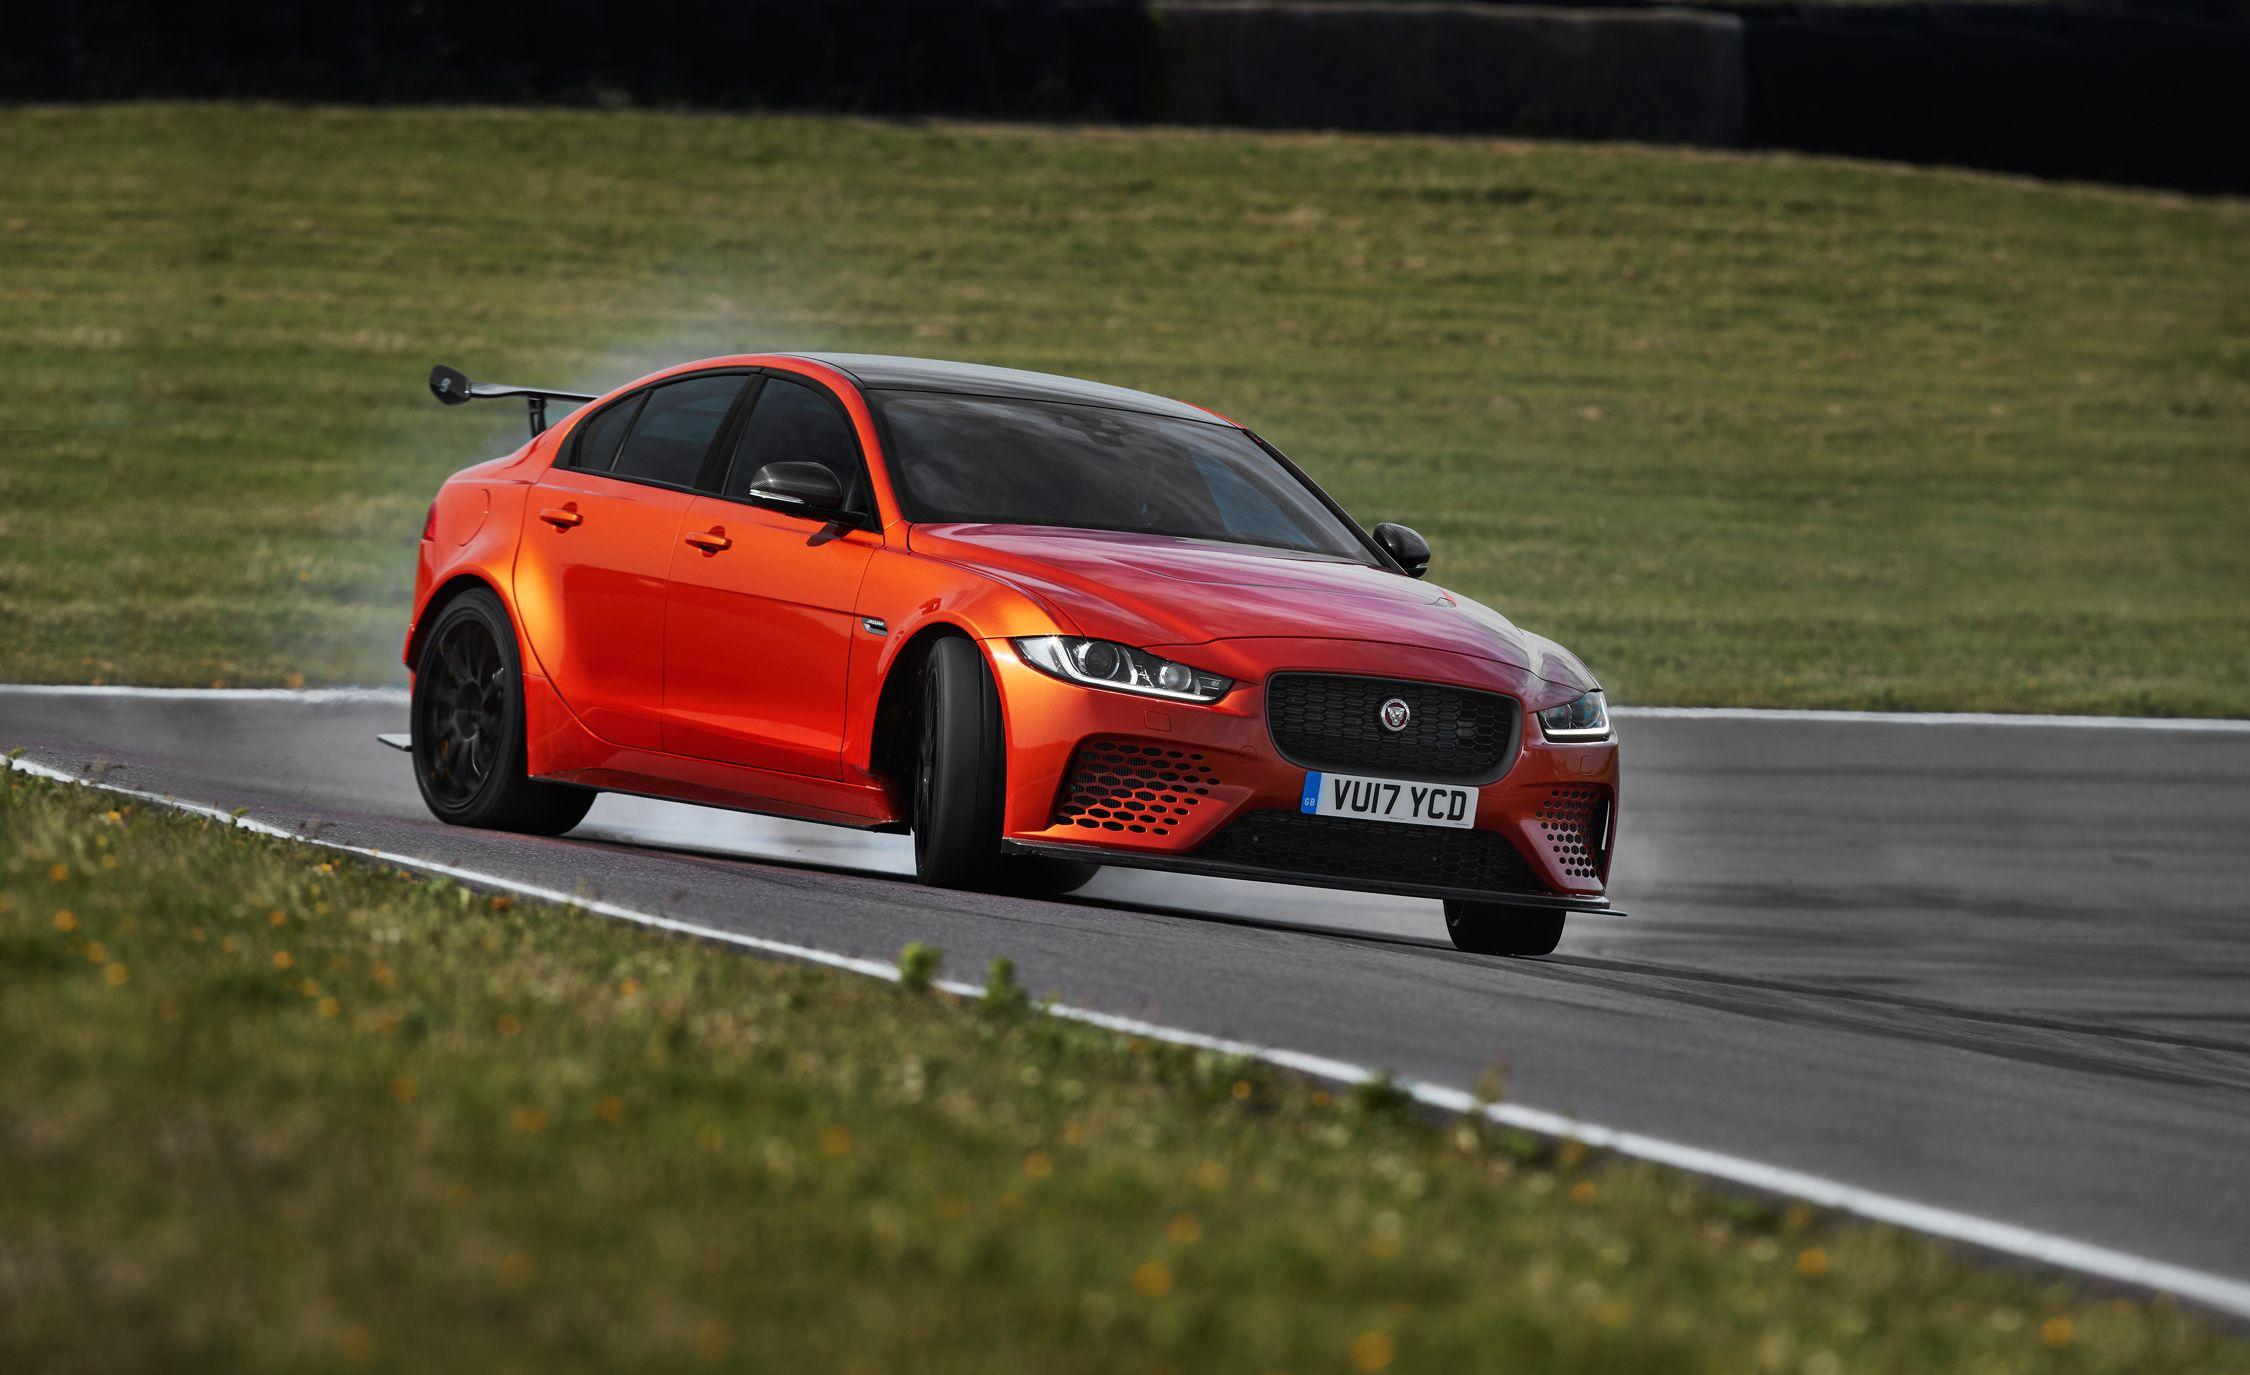 2018 Jaguar XE SV Project 8: Finally, A Fire Breathing XE